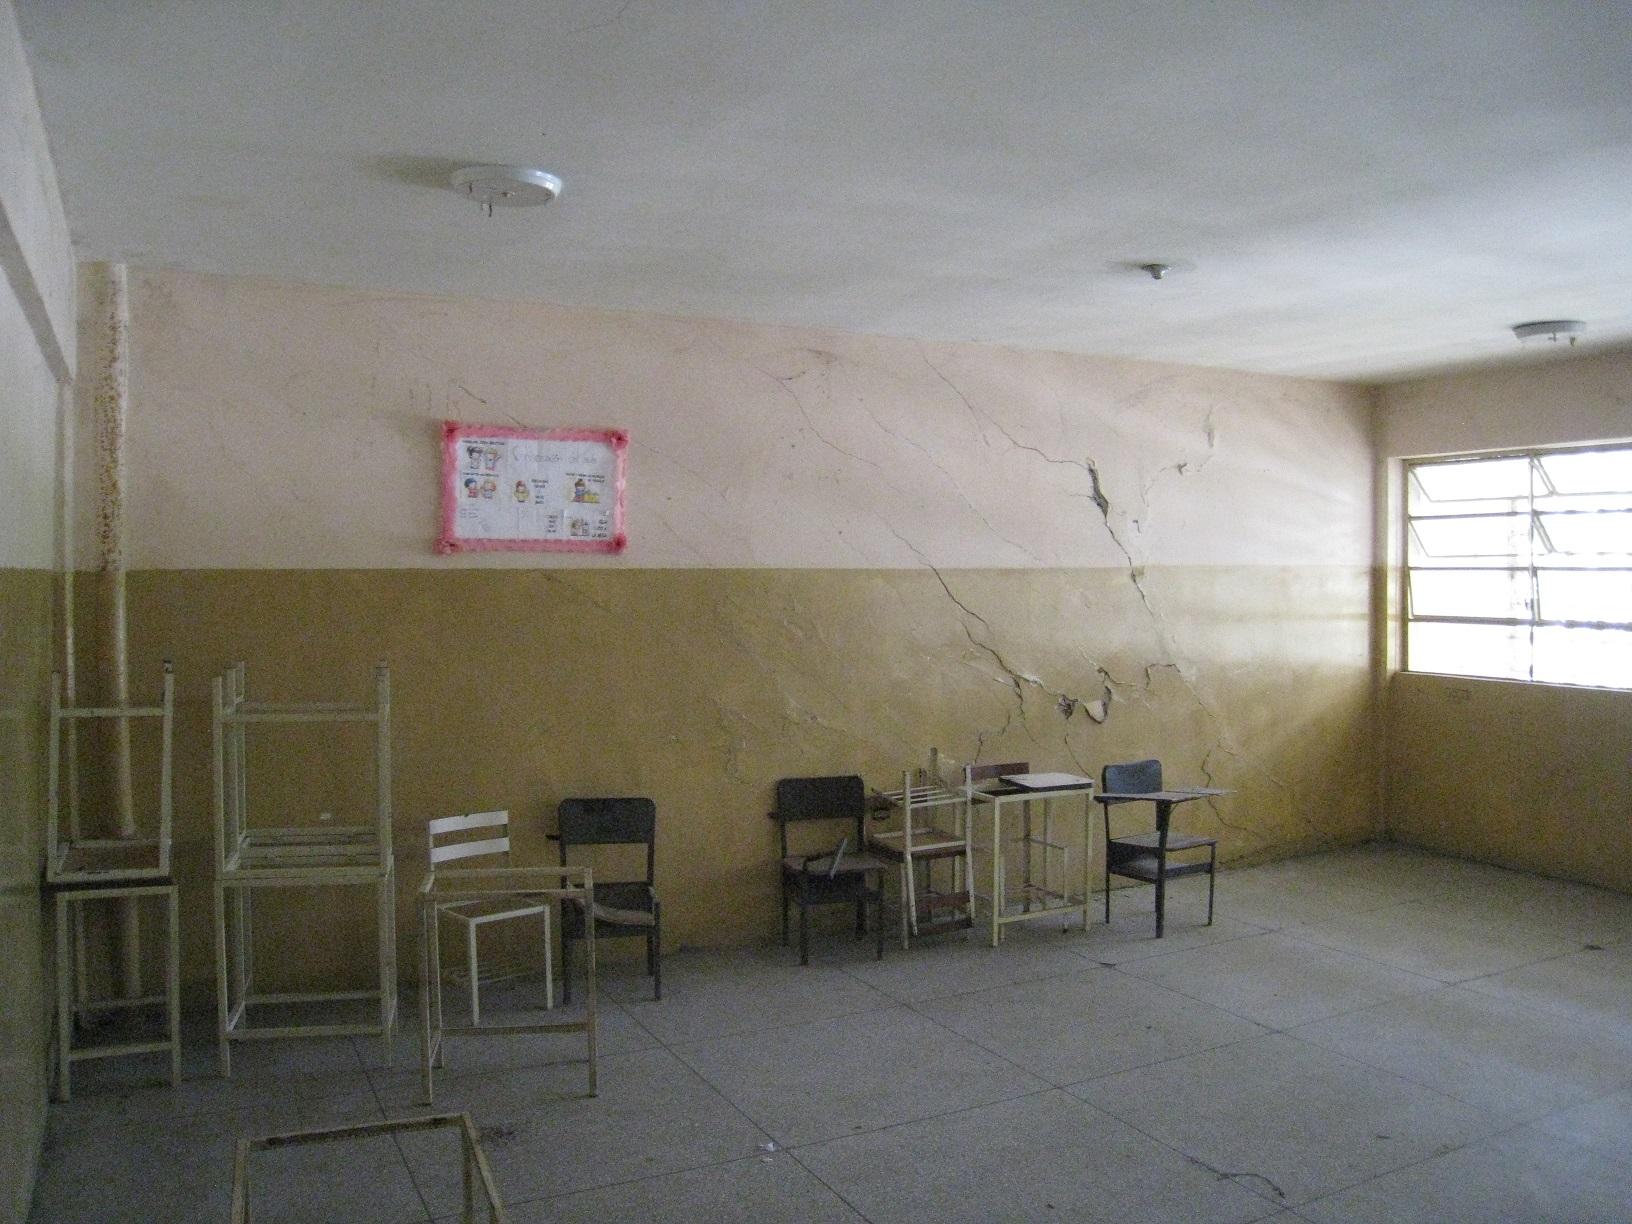 NLS, Ramonet, Educación